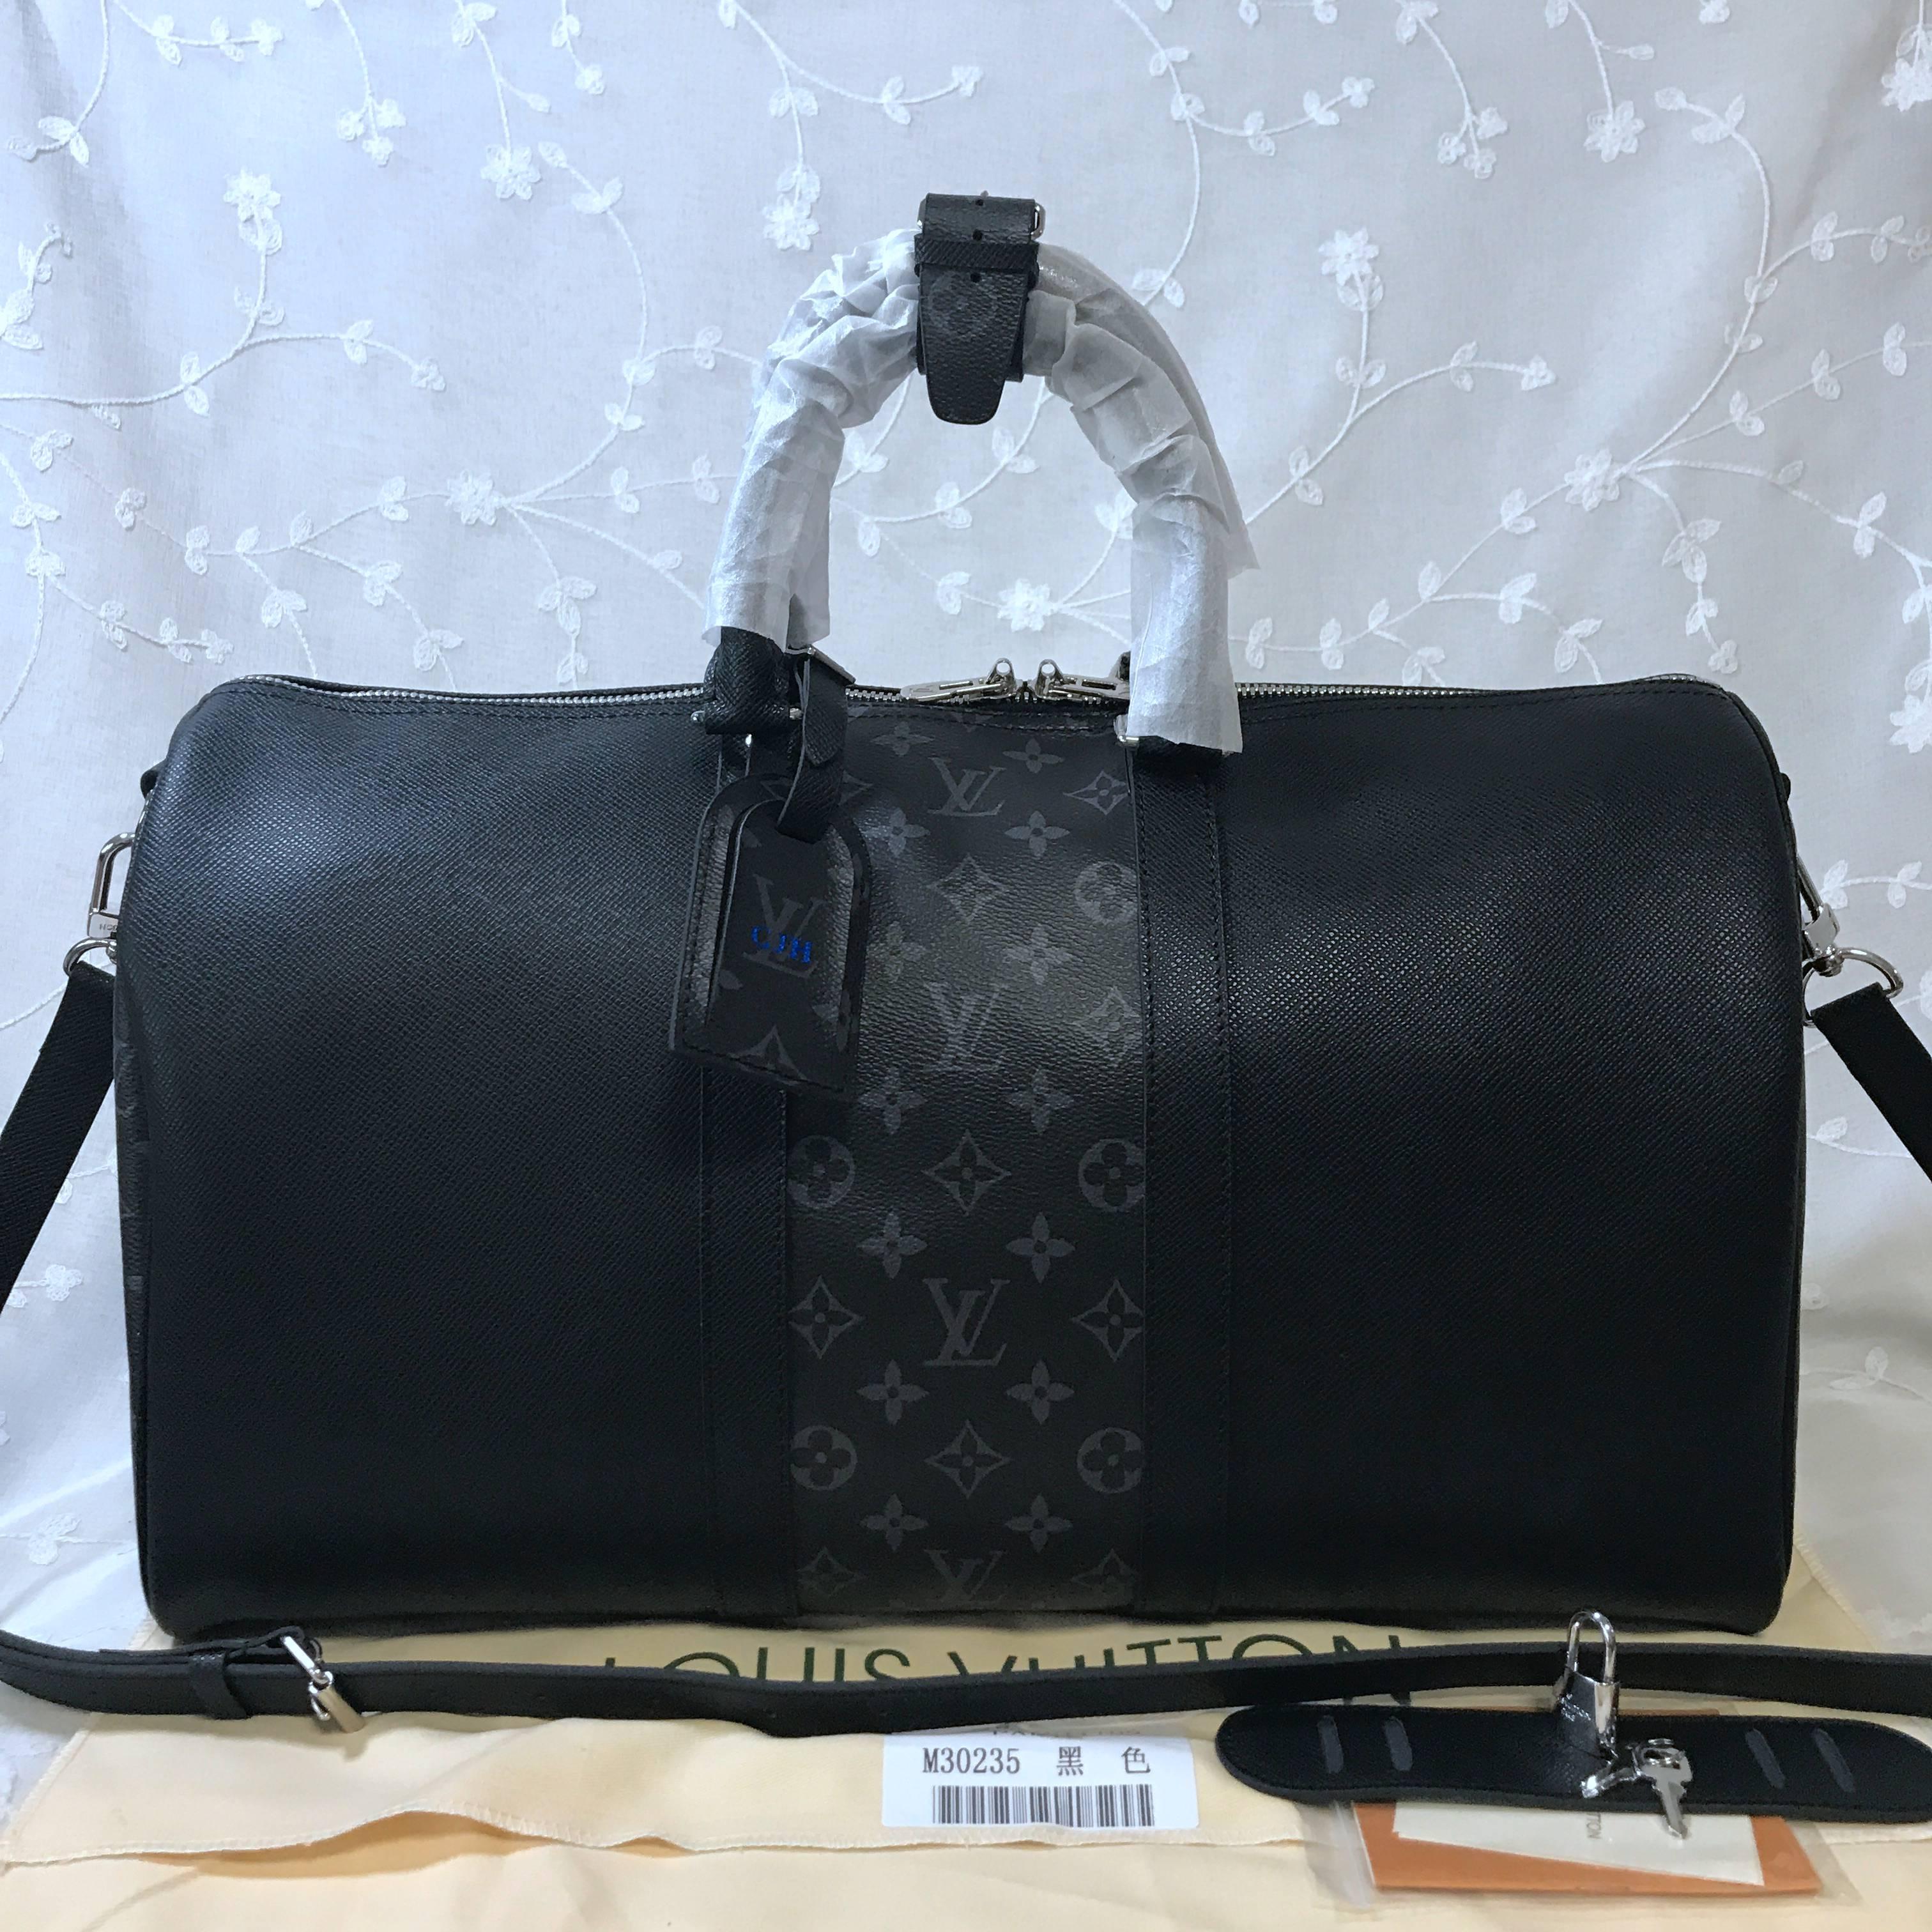 LV Travelbag  M30235